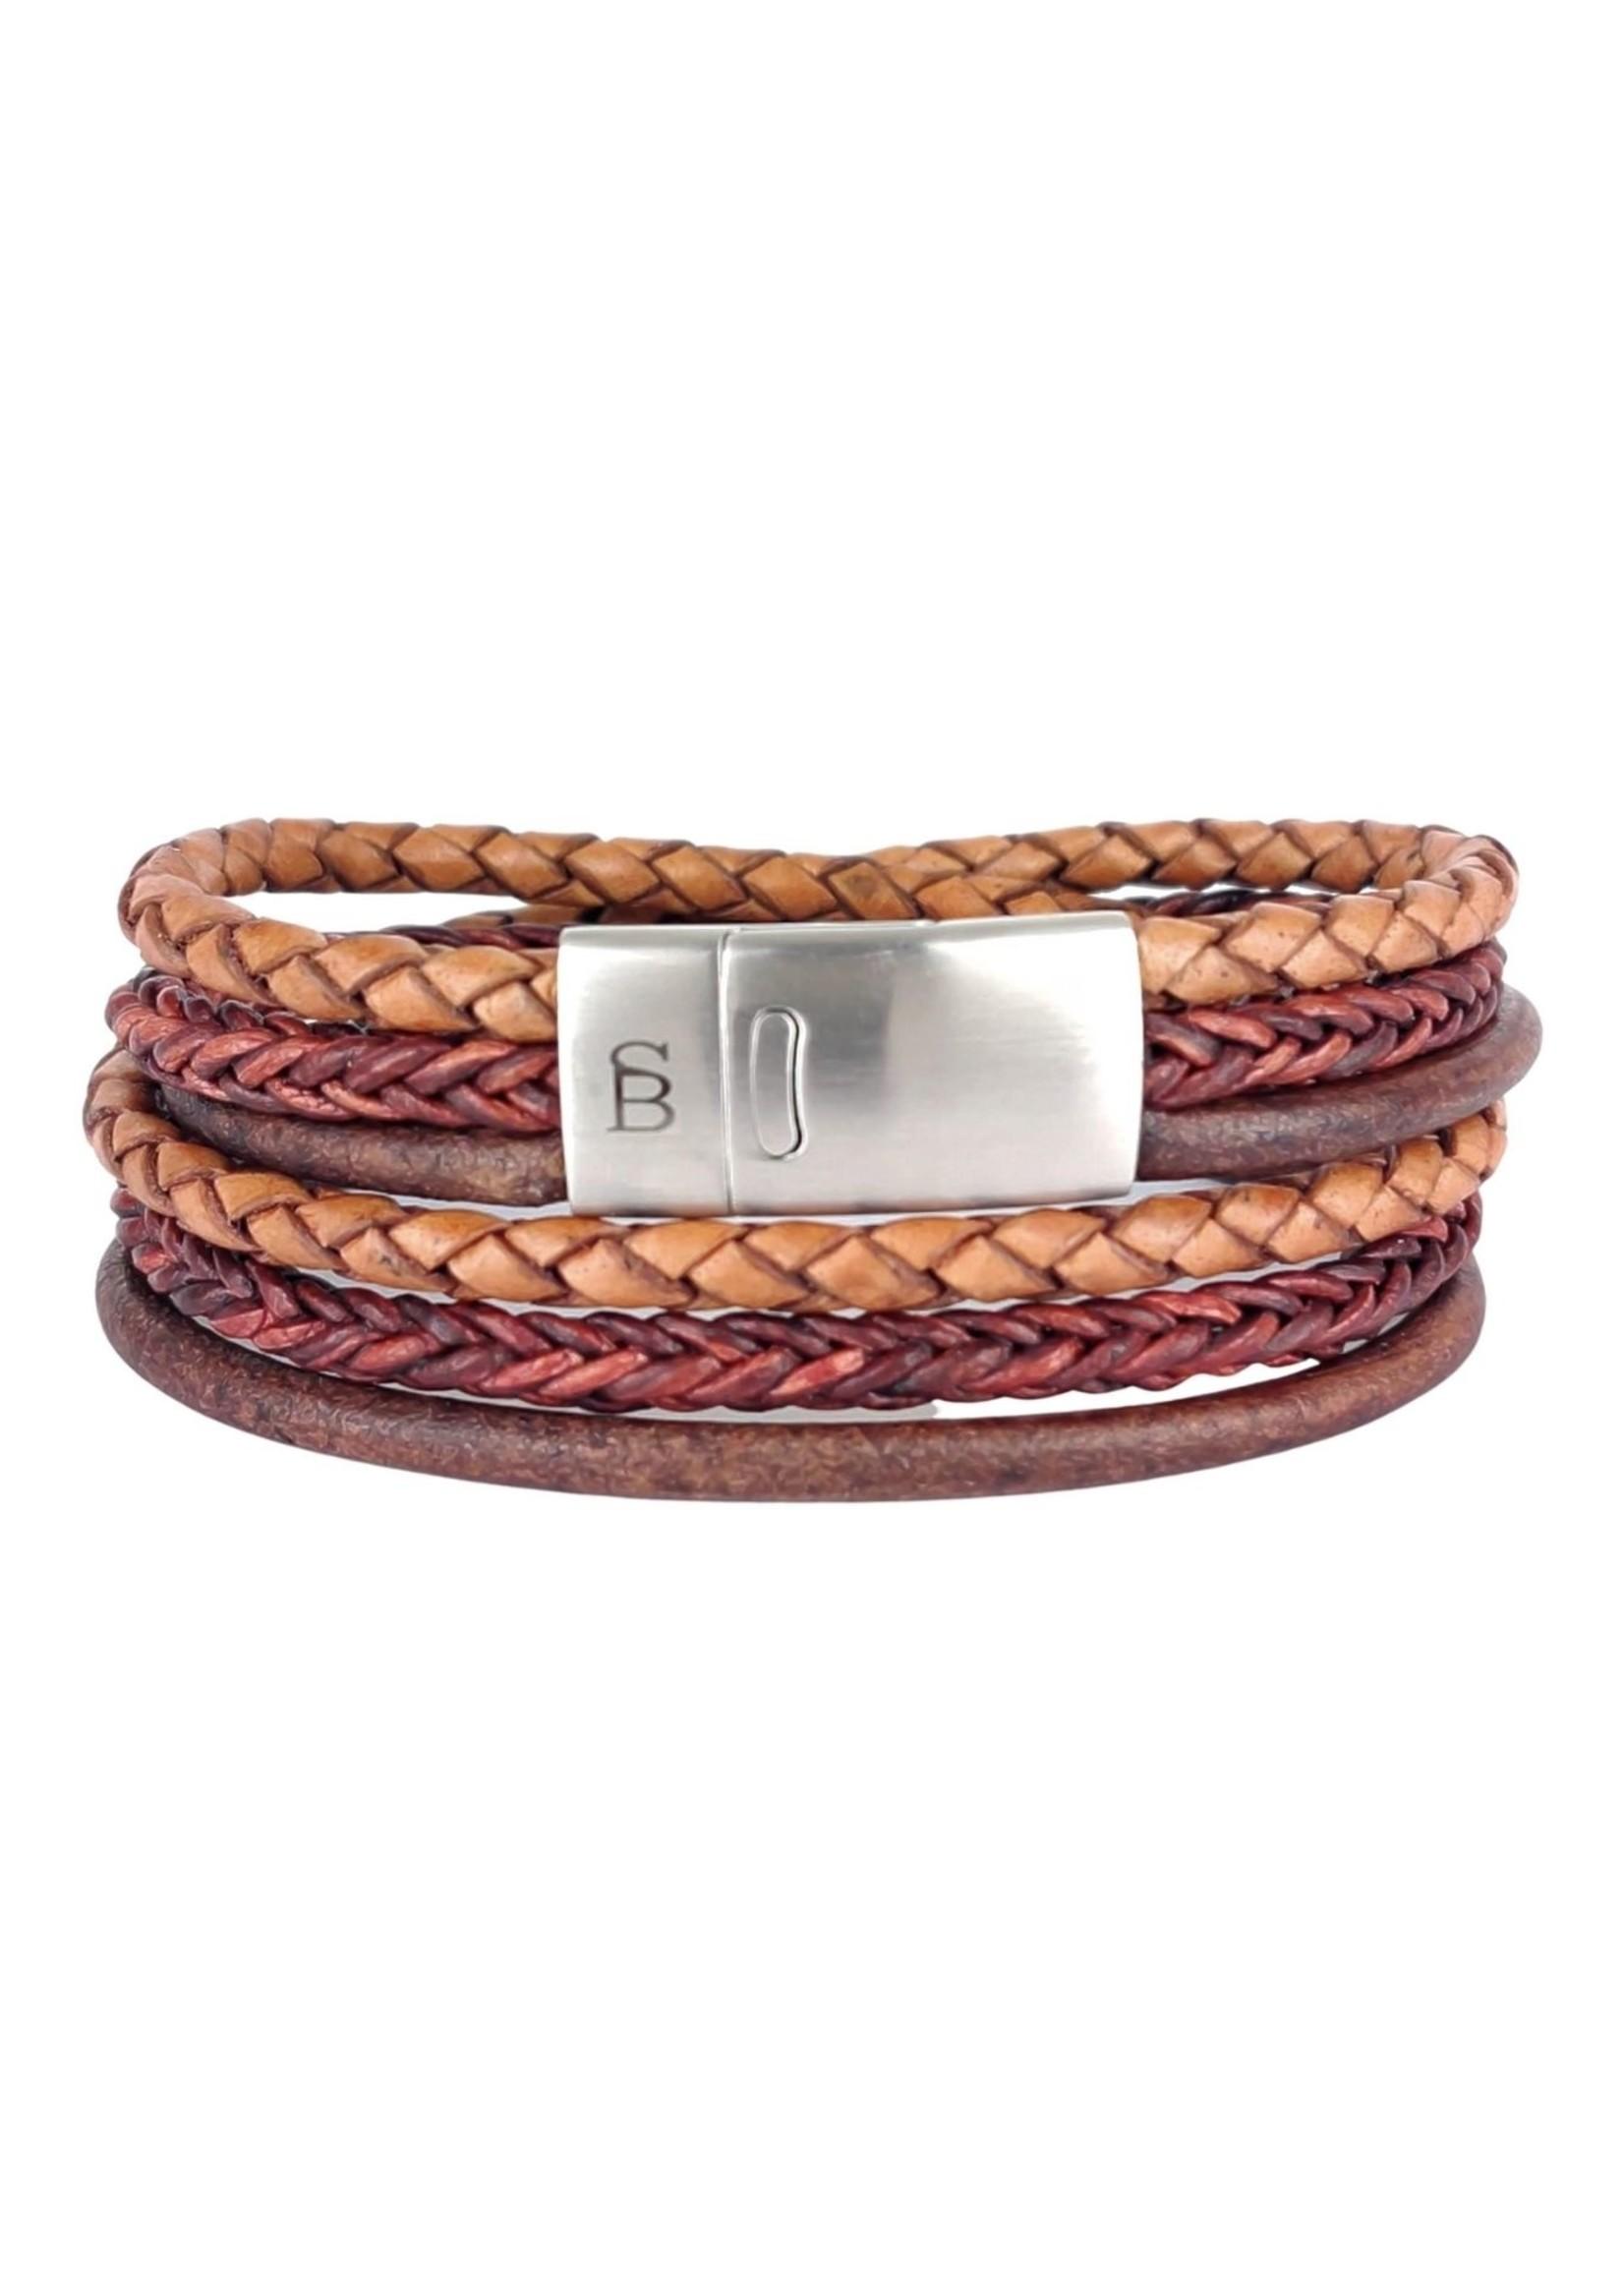 Steel & Barnett Leren Armband Bonacci | Caramel | Steel&Barnett